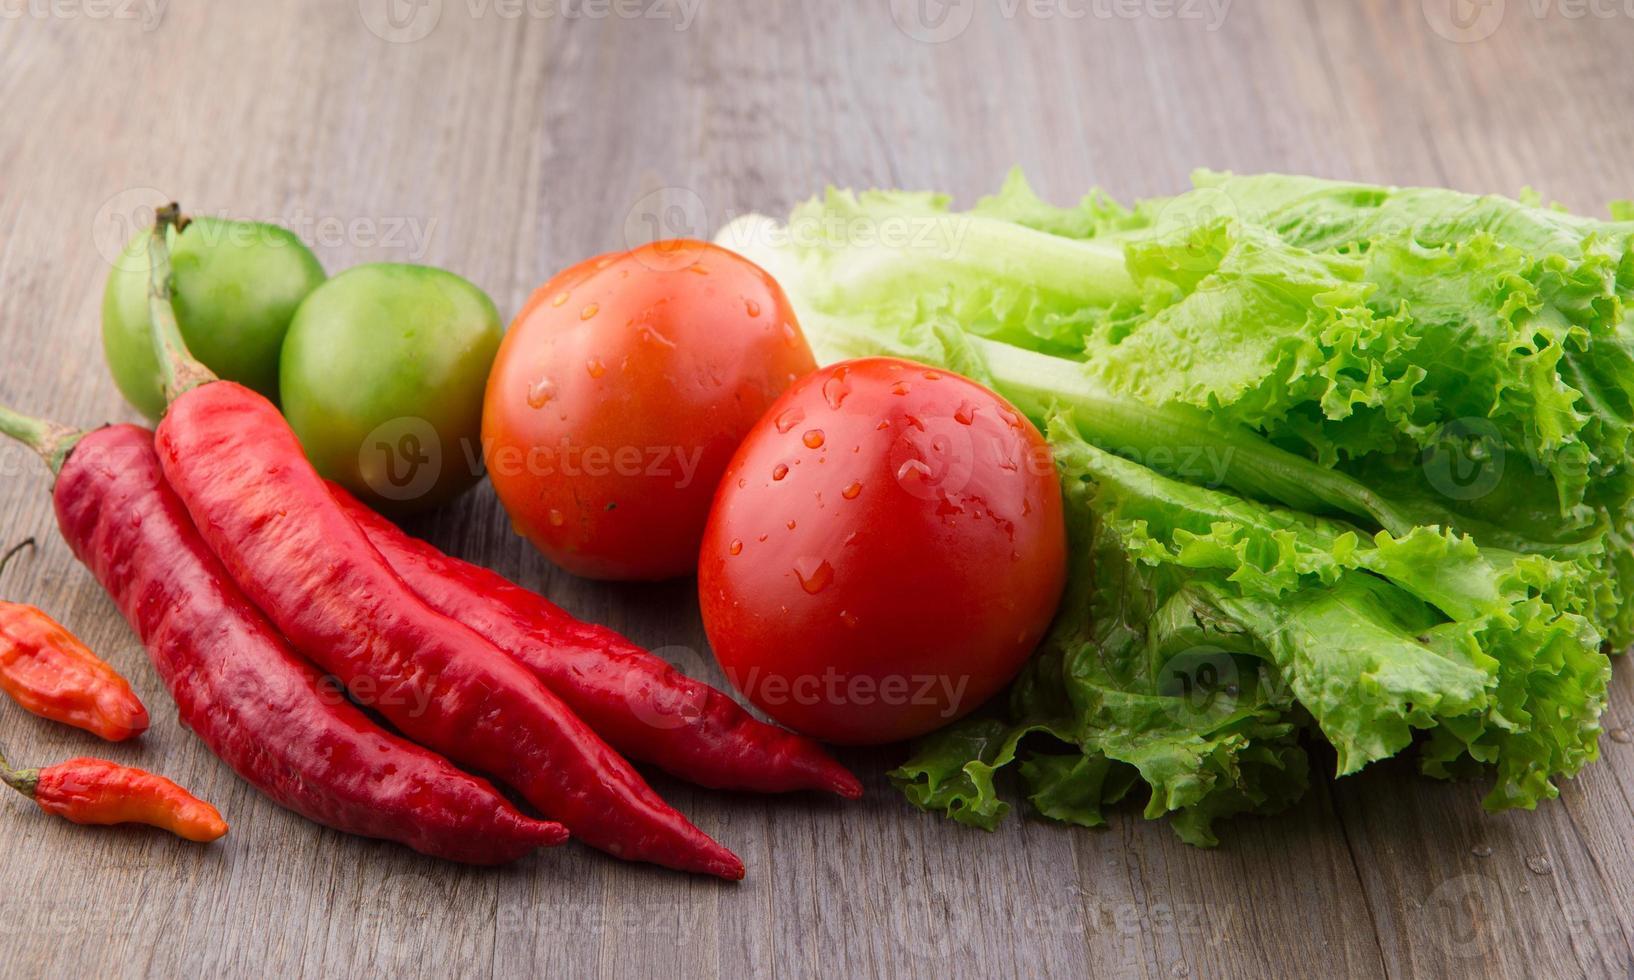 rote Chilis, Vogelaugen-Chilis, Salat, rote und grüne Tomaten foto